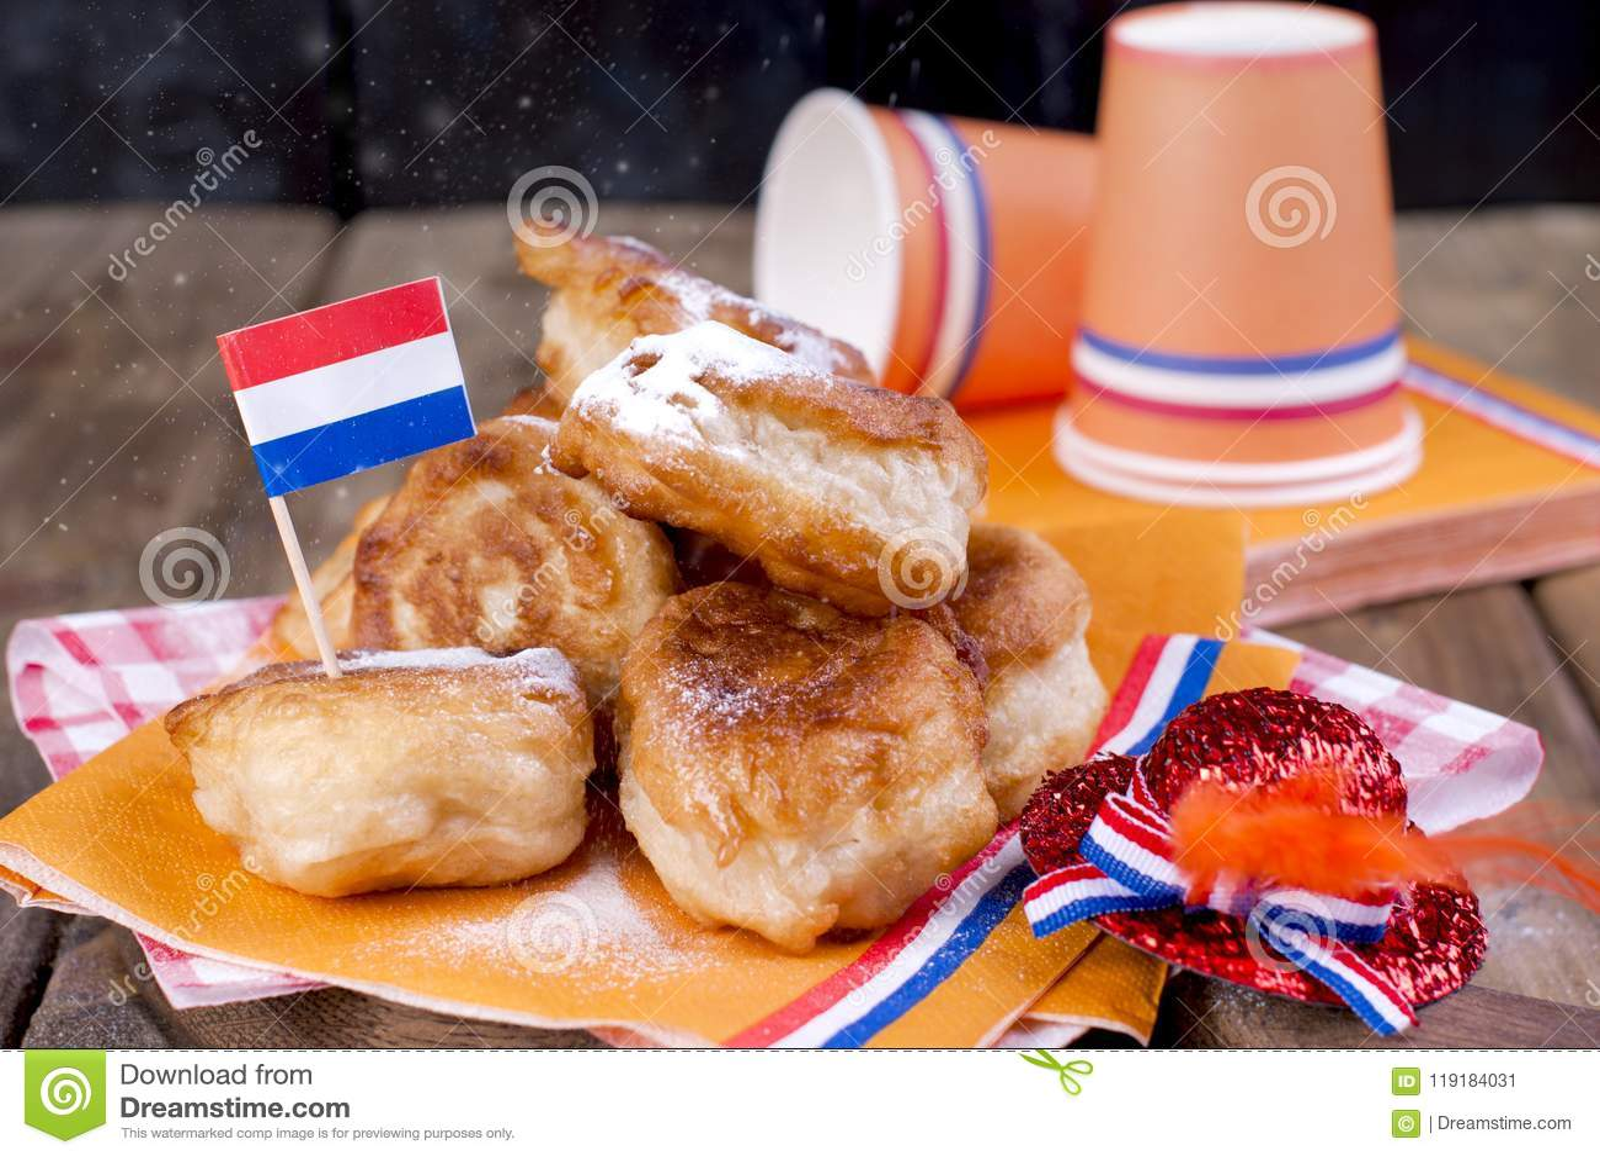 Pâtisseries douces néerlandaises traditionnelles Jour de fête du roi décor Choses oranges pour les vacances netherlands Ustensile